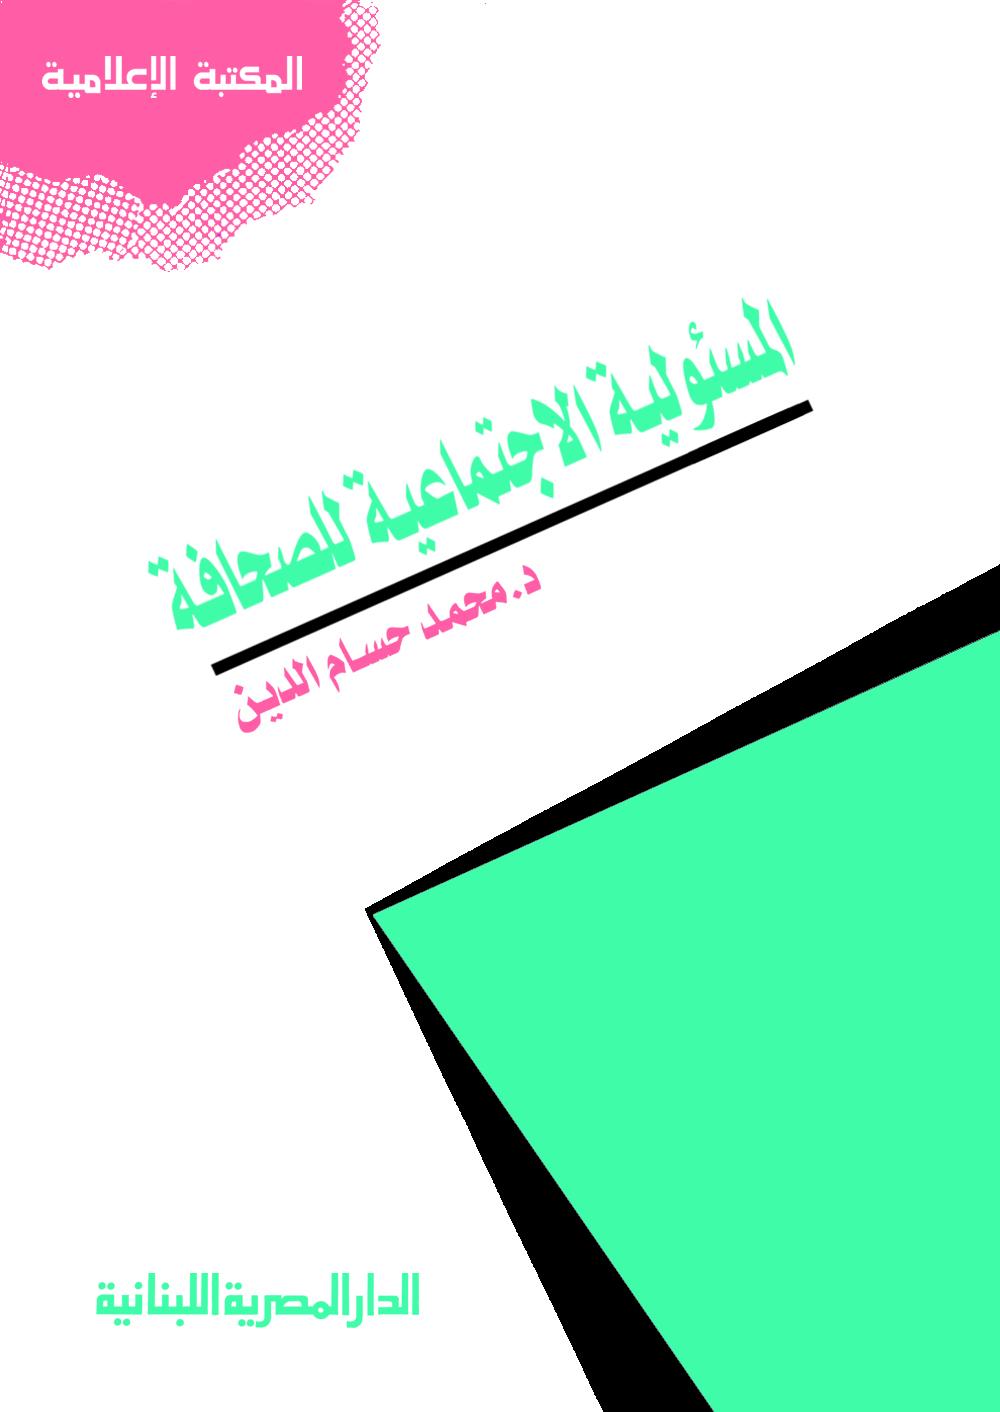 تحميل كتاب المسئولية الإجتماعية للصحافة pdf تأليف د محمد حسام الدين مجاناً | تحميل كتب pdf